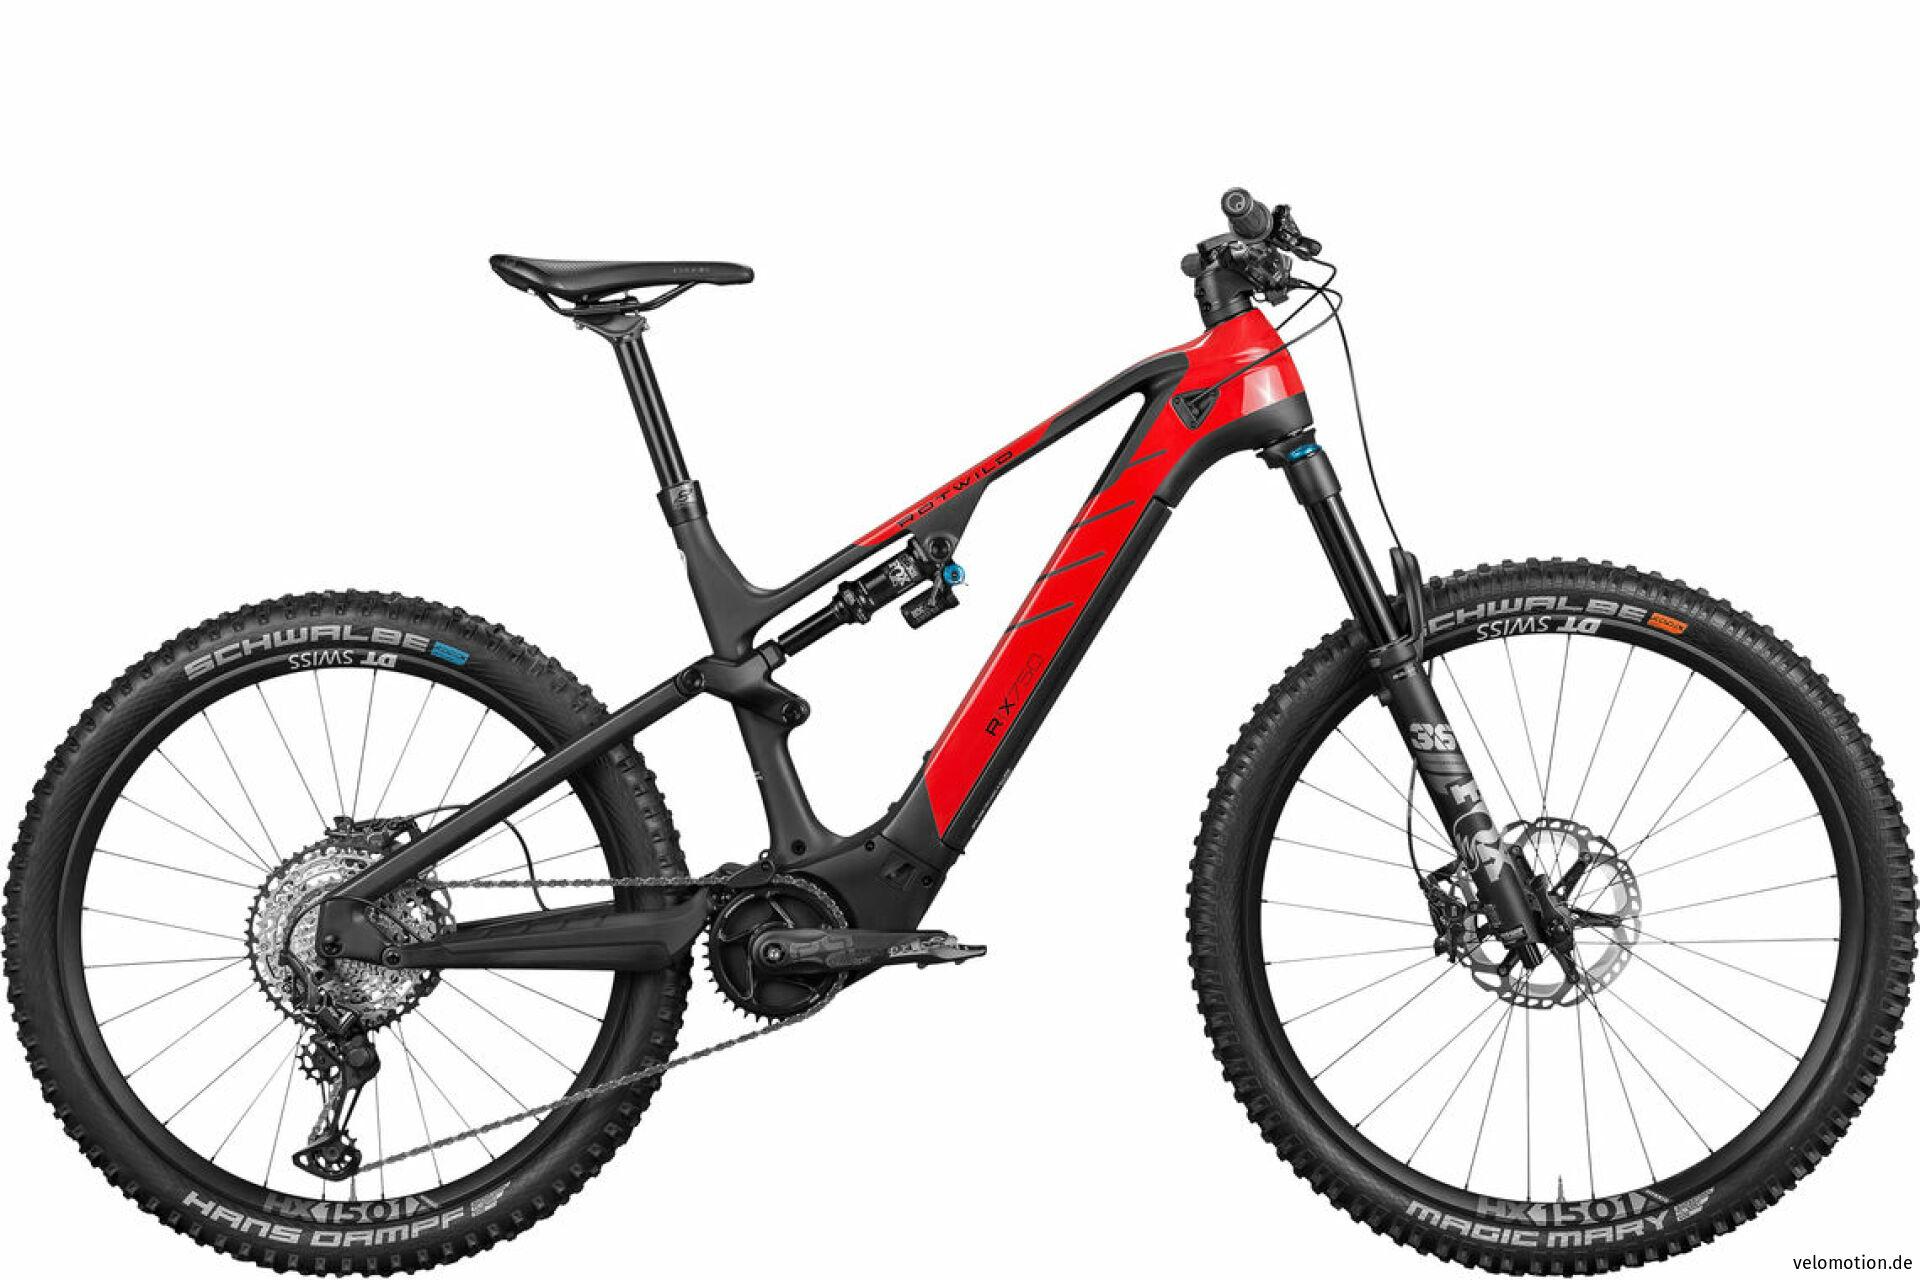 R.X750 FS Pro #1